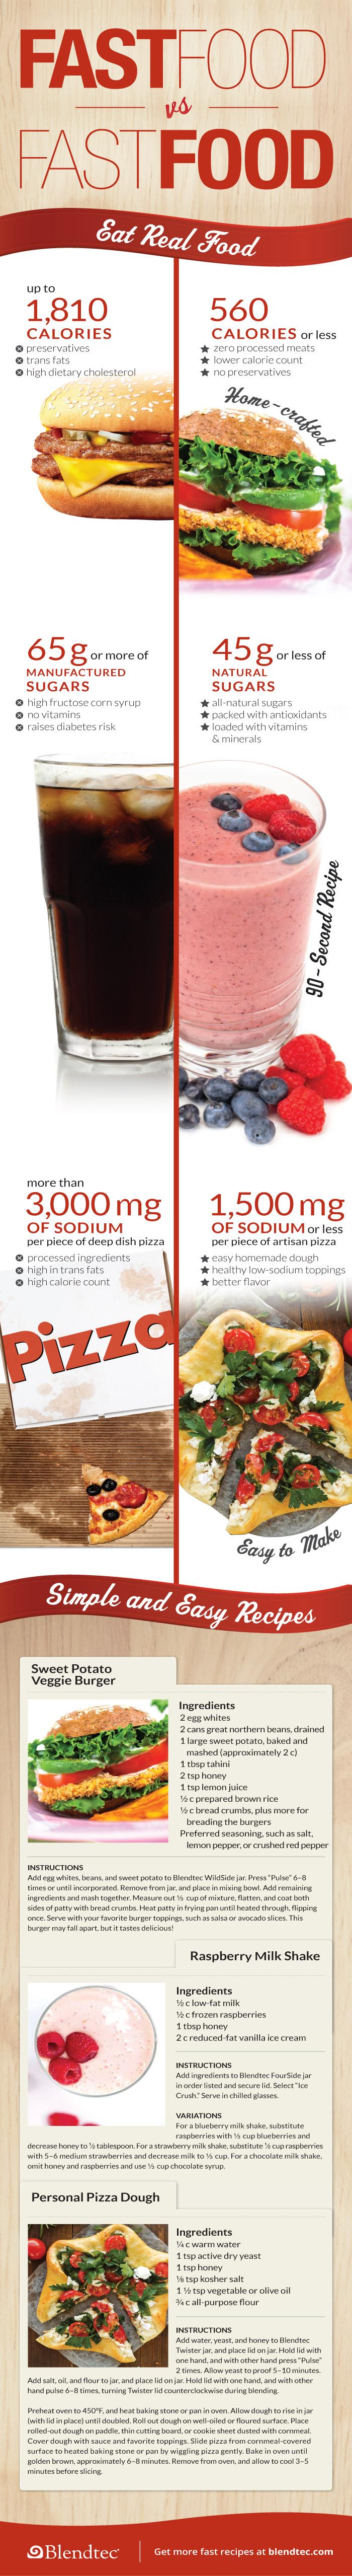 Fast Food vs Fast Food